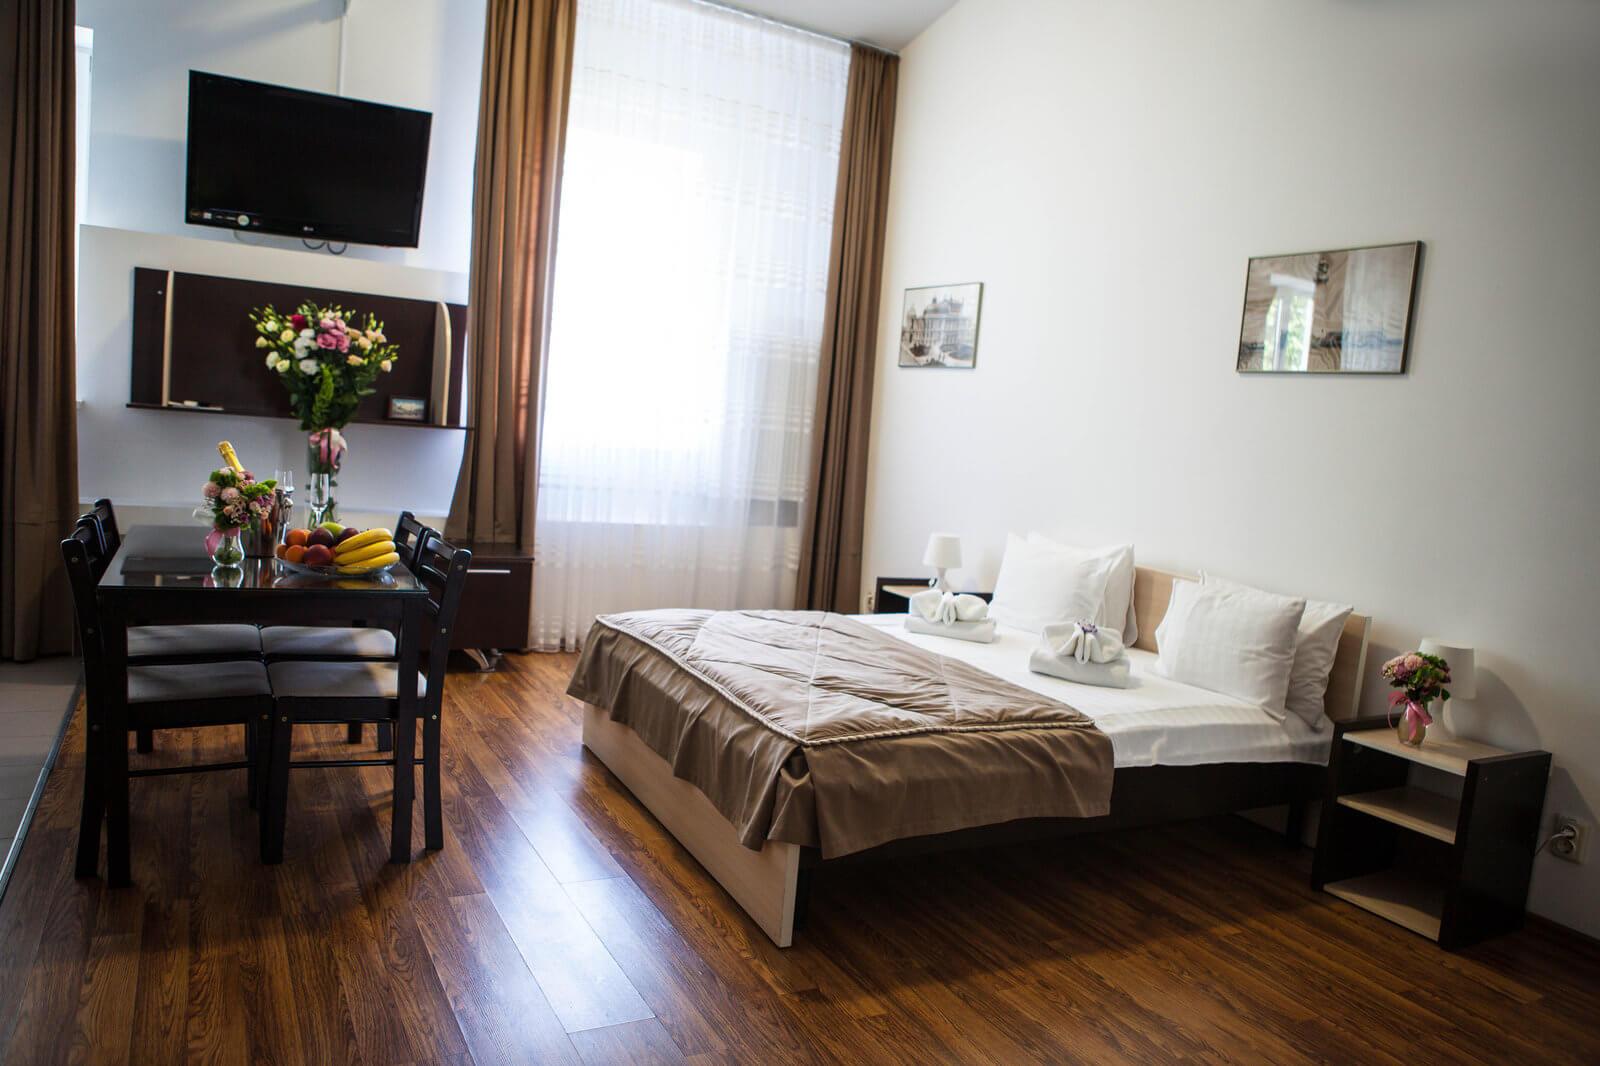 двуспальная кровать, телевизор, кабельное тв